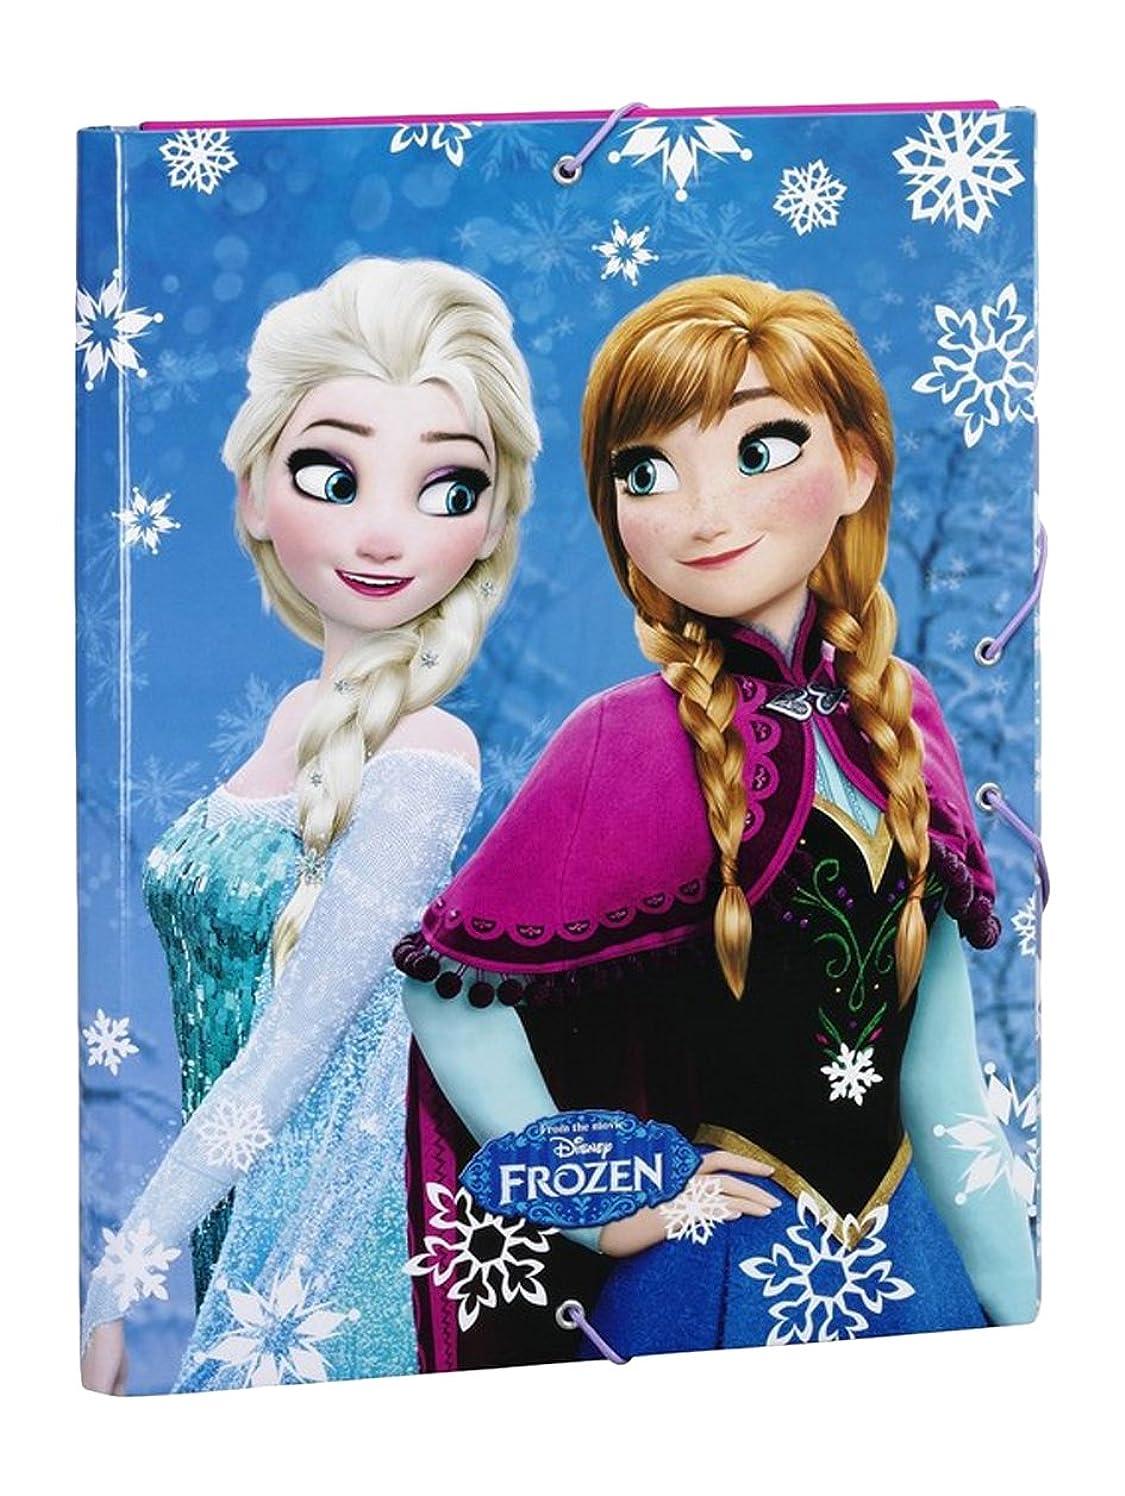 動力学アルネ定義ディズニー アナと雪の女王 フォルダー ゴムフラップ付き ブルー (SAFTA 511615068)